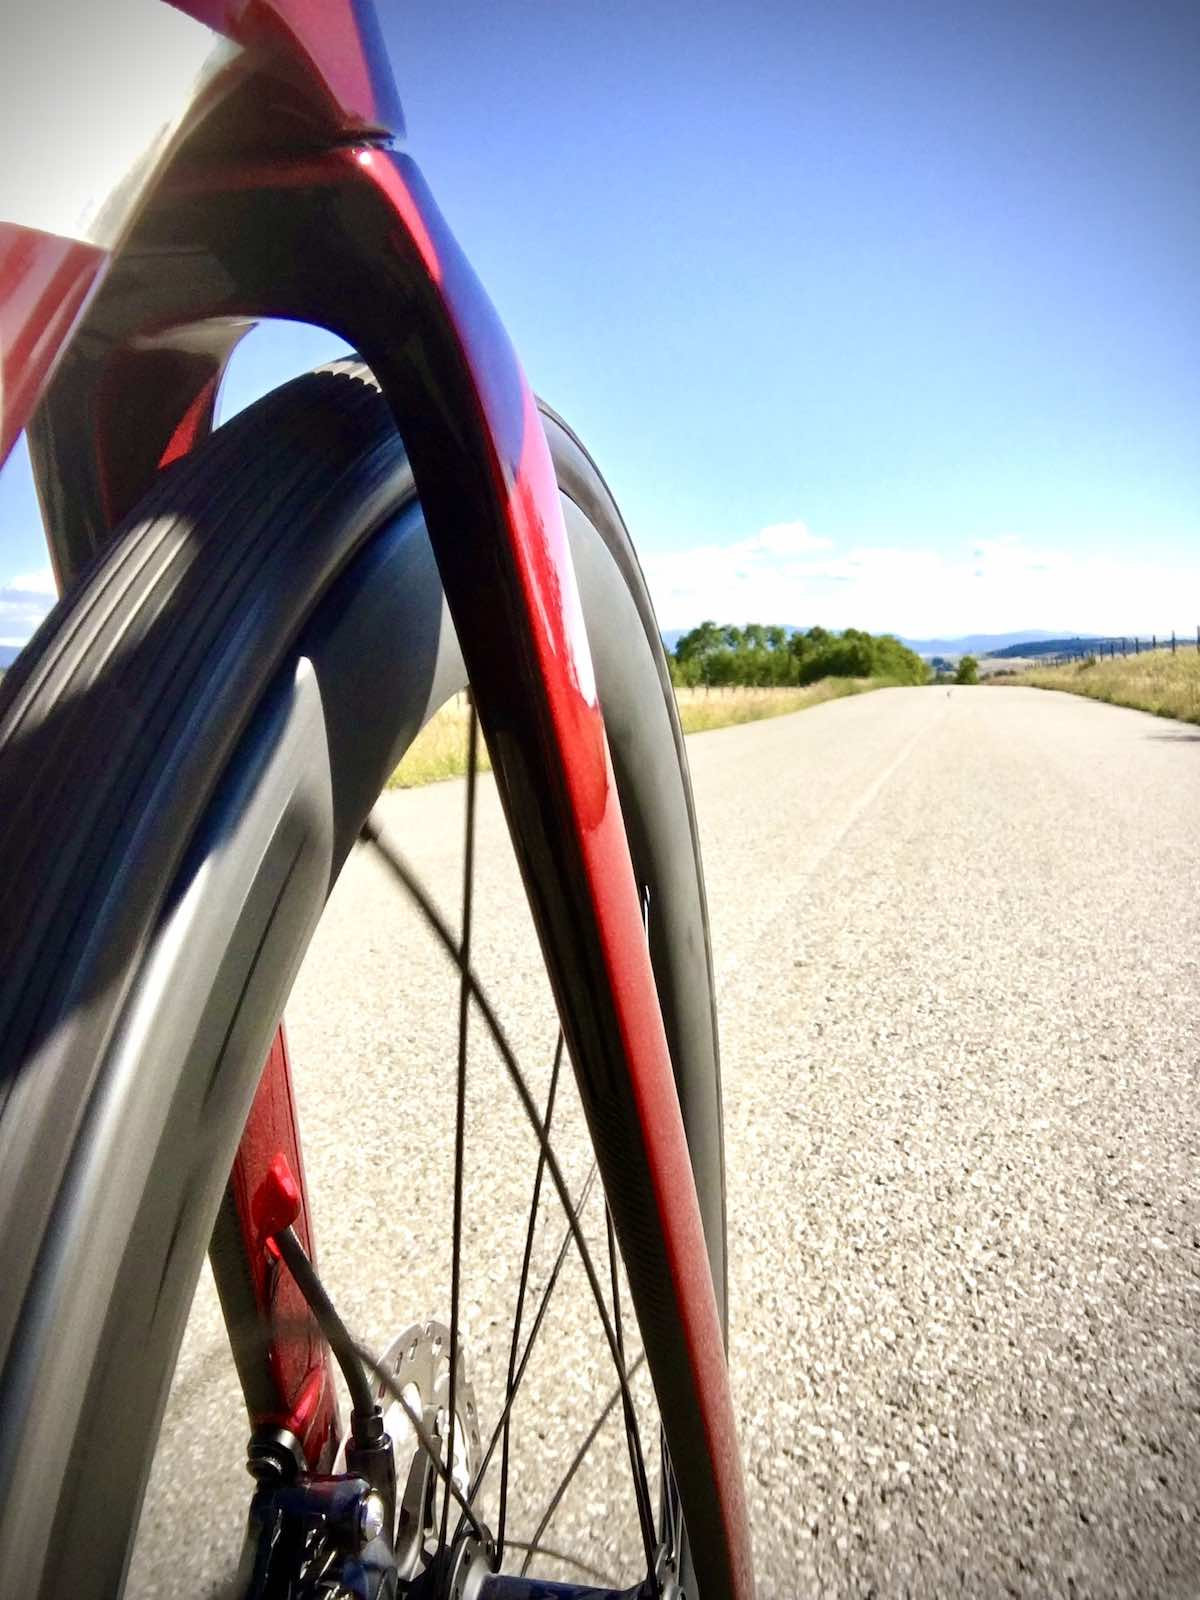 Bikerumor Pic of the Day: לונג לייק רוד, קולומביה הבריטית